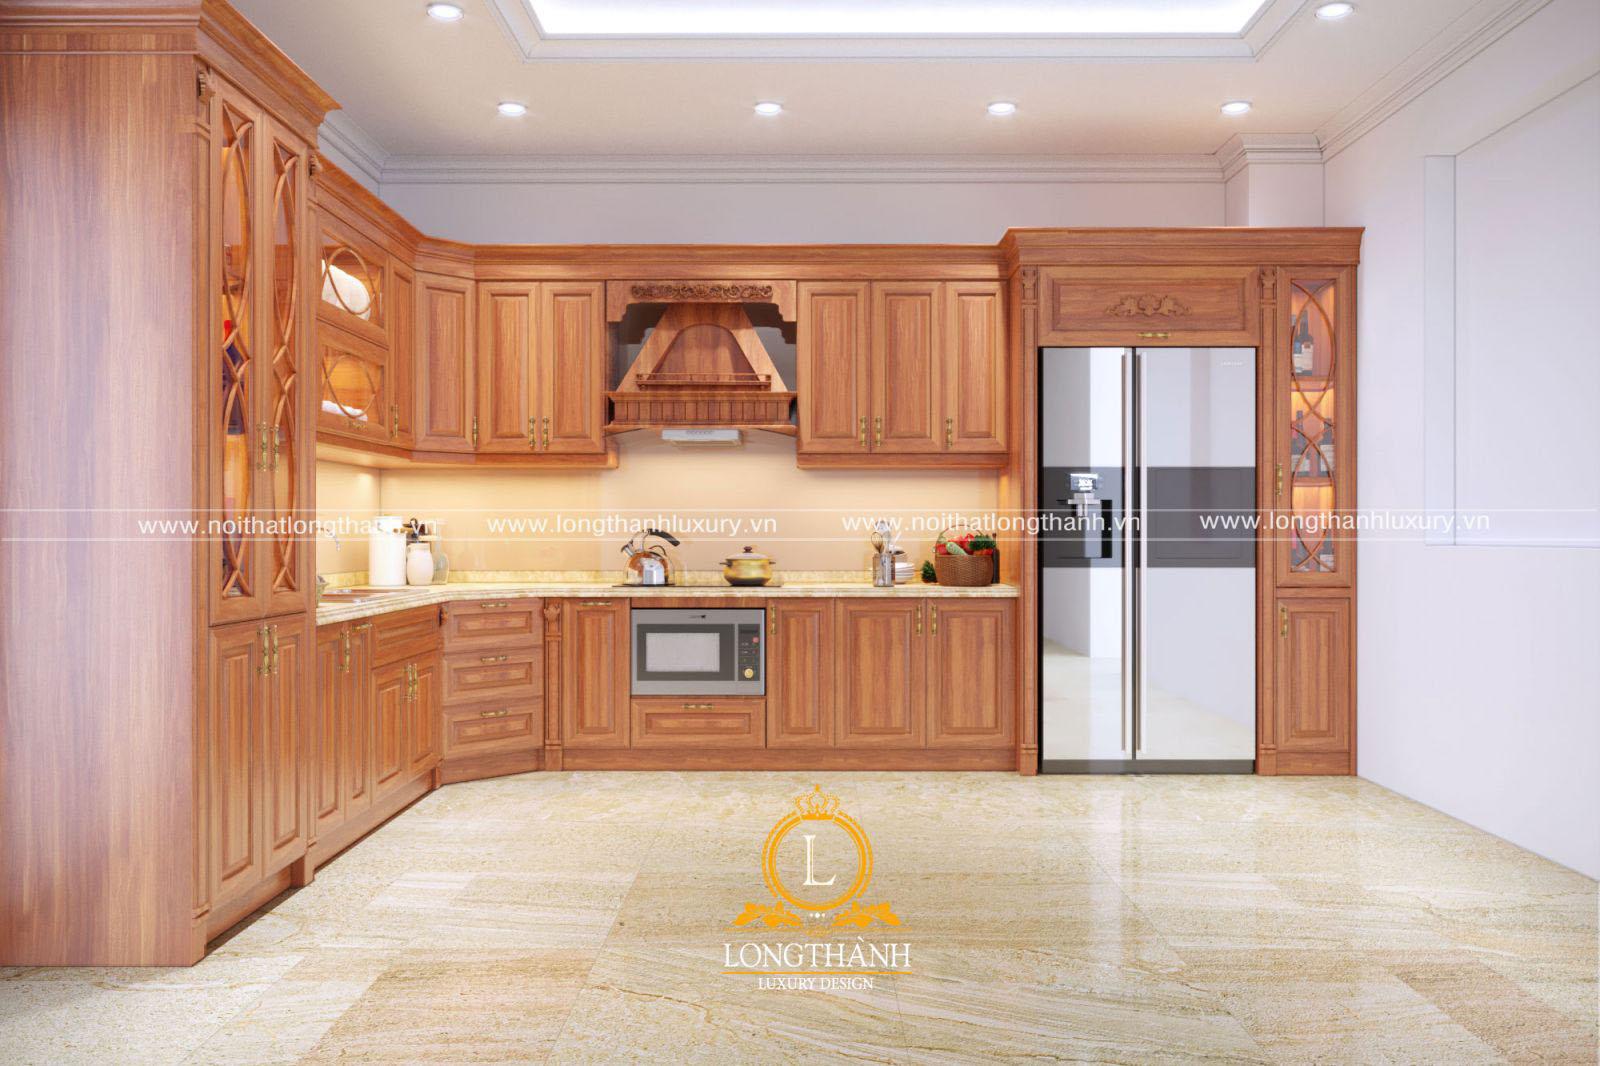 Tủ bếp gỗ Sồi Mỹ đẹp LT39 góc nhìn thứ 3